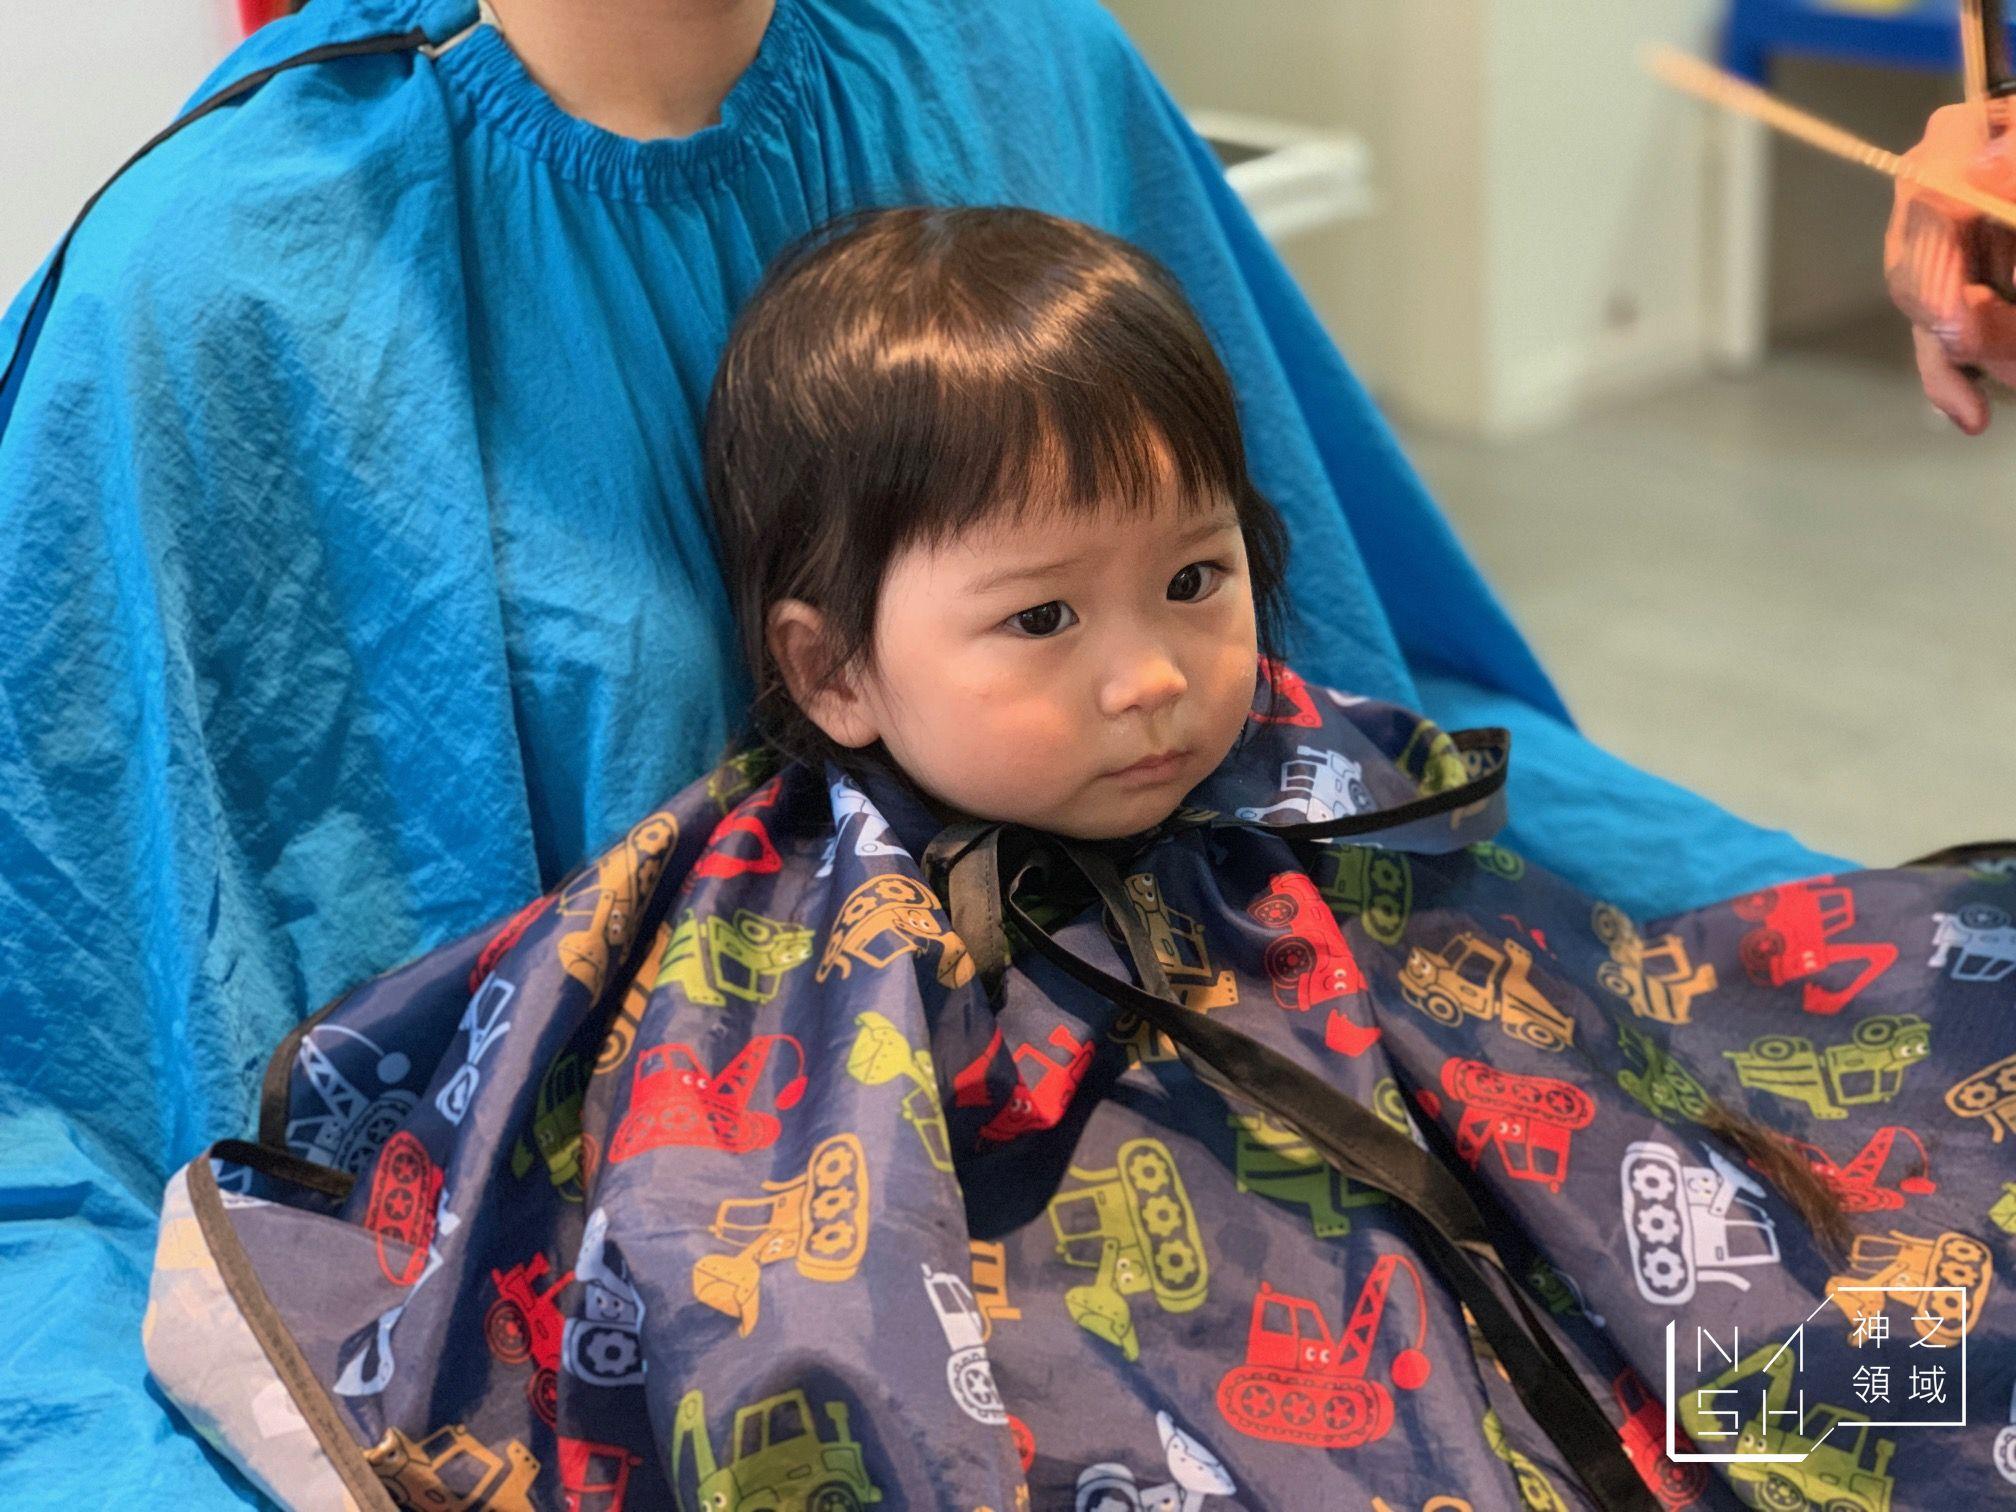 台北兒童剪髮,兒童剪髮,天母兒童剪髮,天母剪髮 @Nash,神之領域